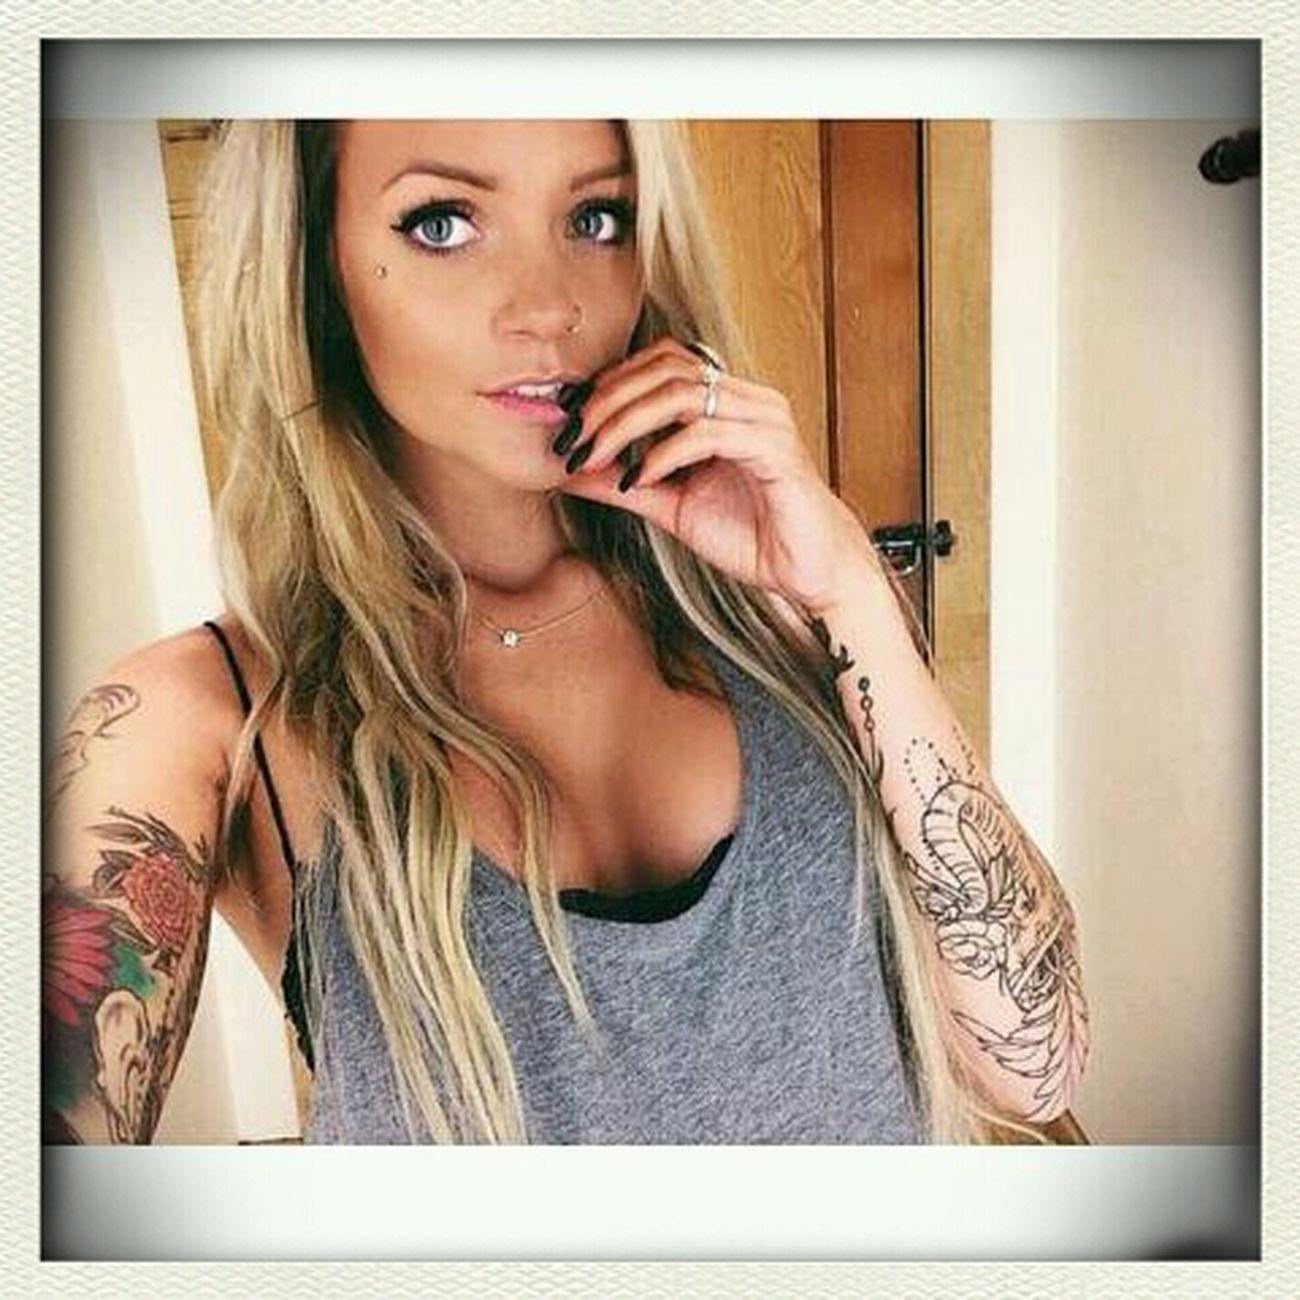 Life *-* Tattoo ❤ Lesbian ♥